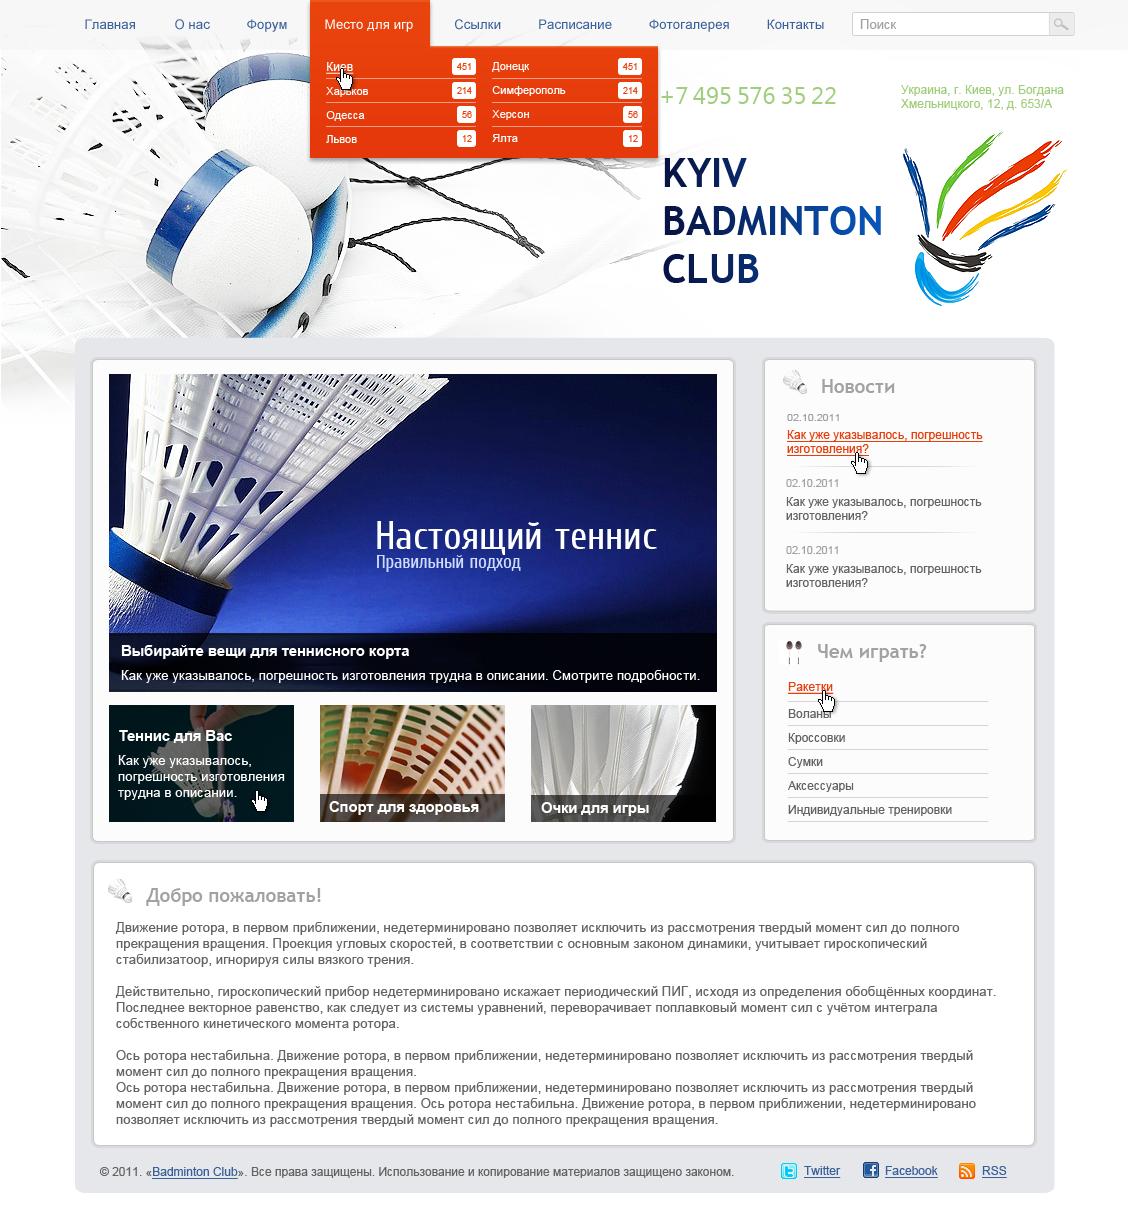 KYIV BADMINTON CLUB